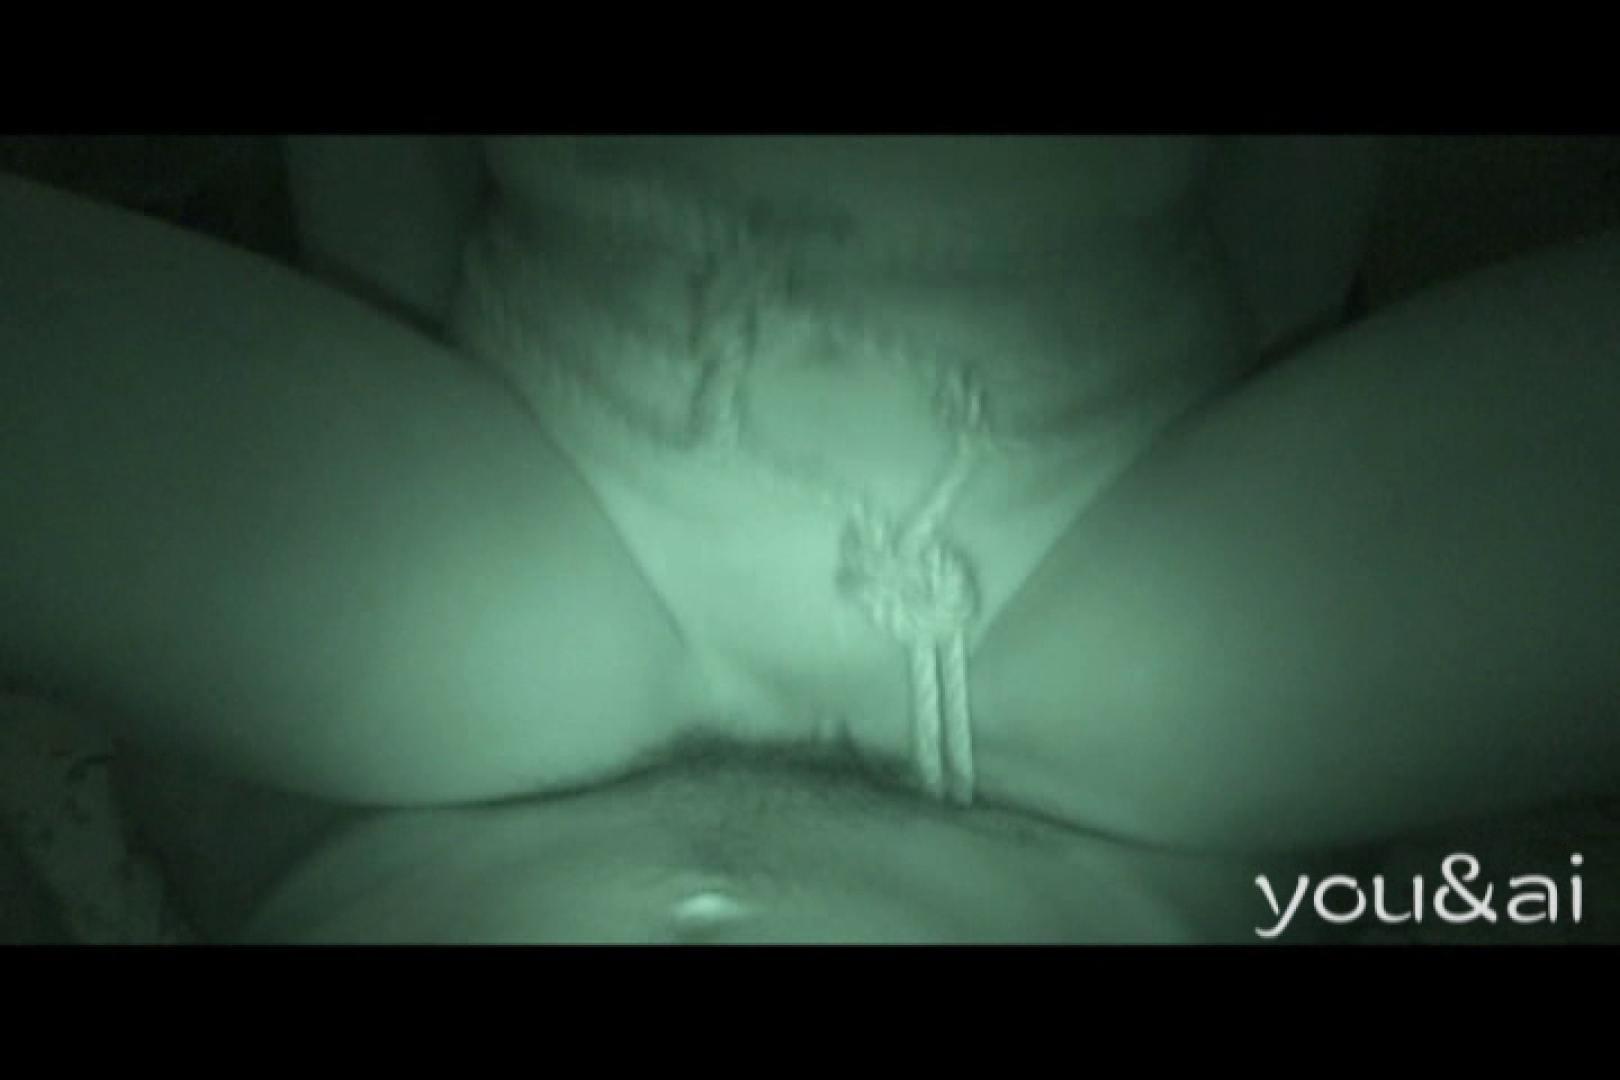 おしどり夫婦のyou&aiさん投稿作品vol.6 緊縛   カーセックス  76pic 64